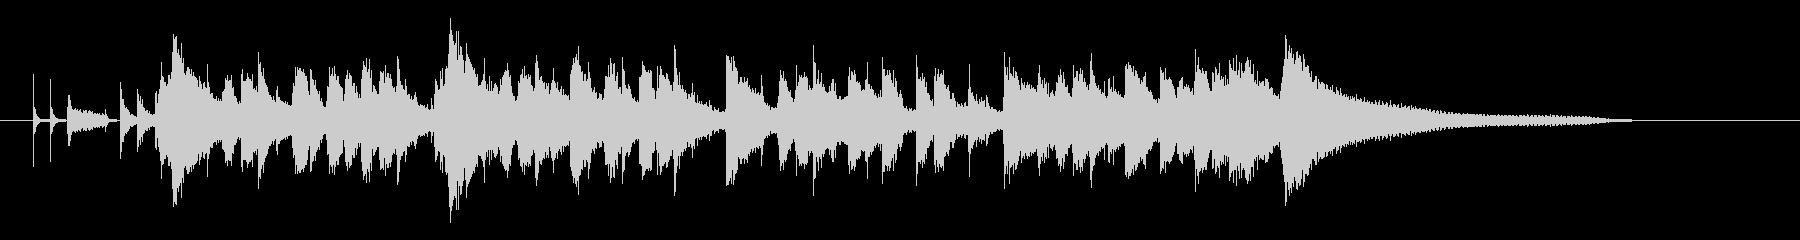 ラジオっぽいおしゃれなピアノのボサノバの未再生の波形